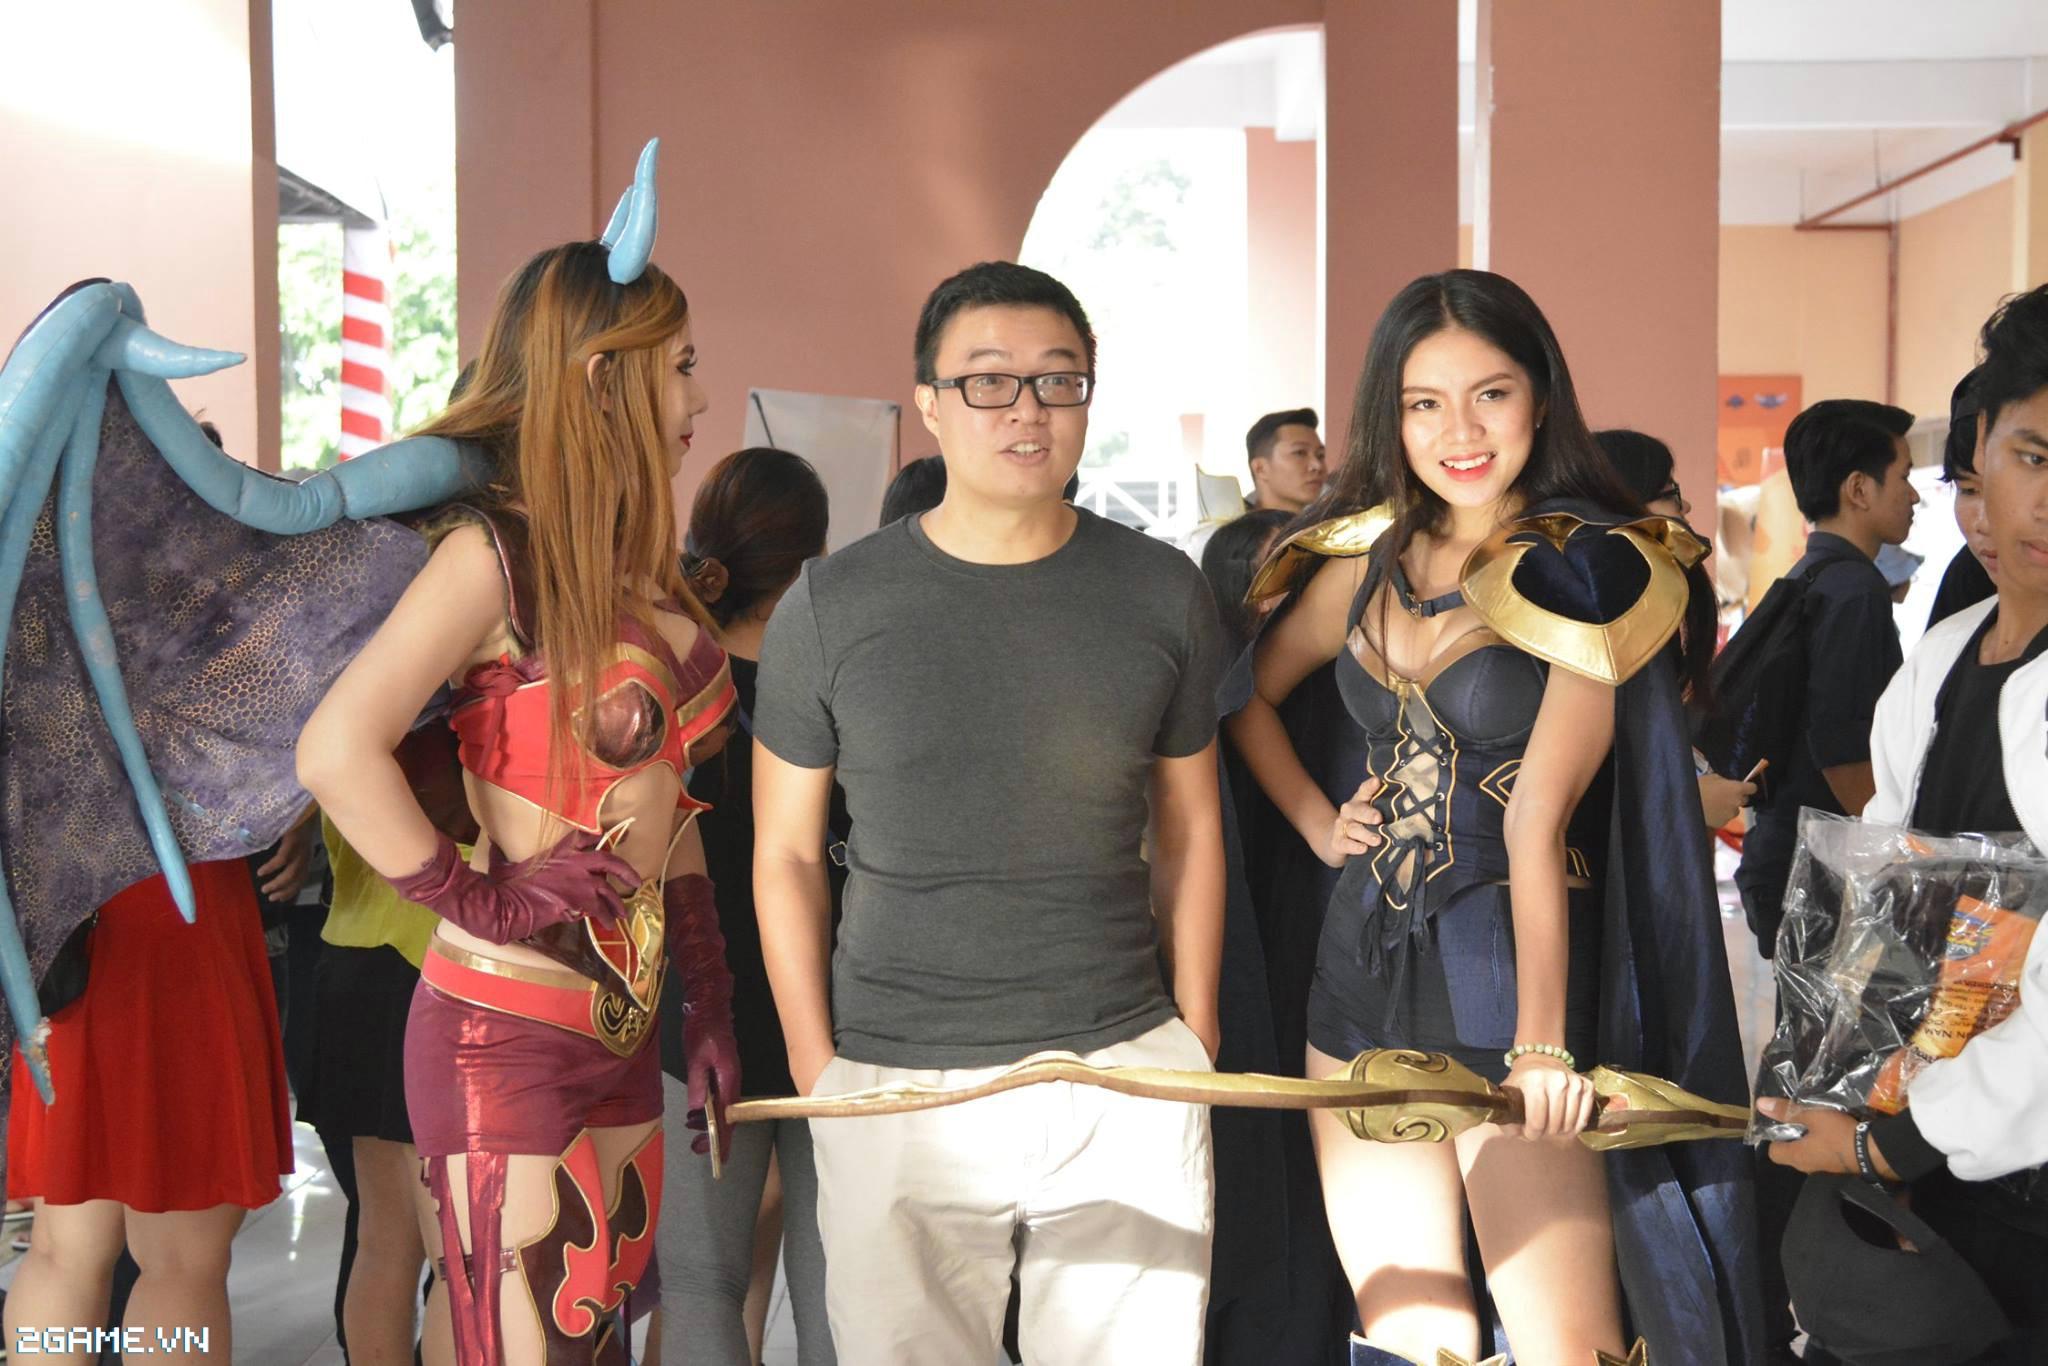 Điểm mặt các cosplay game xuất hiện tại Đại Hội 360mobi 2016 8